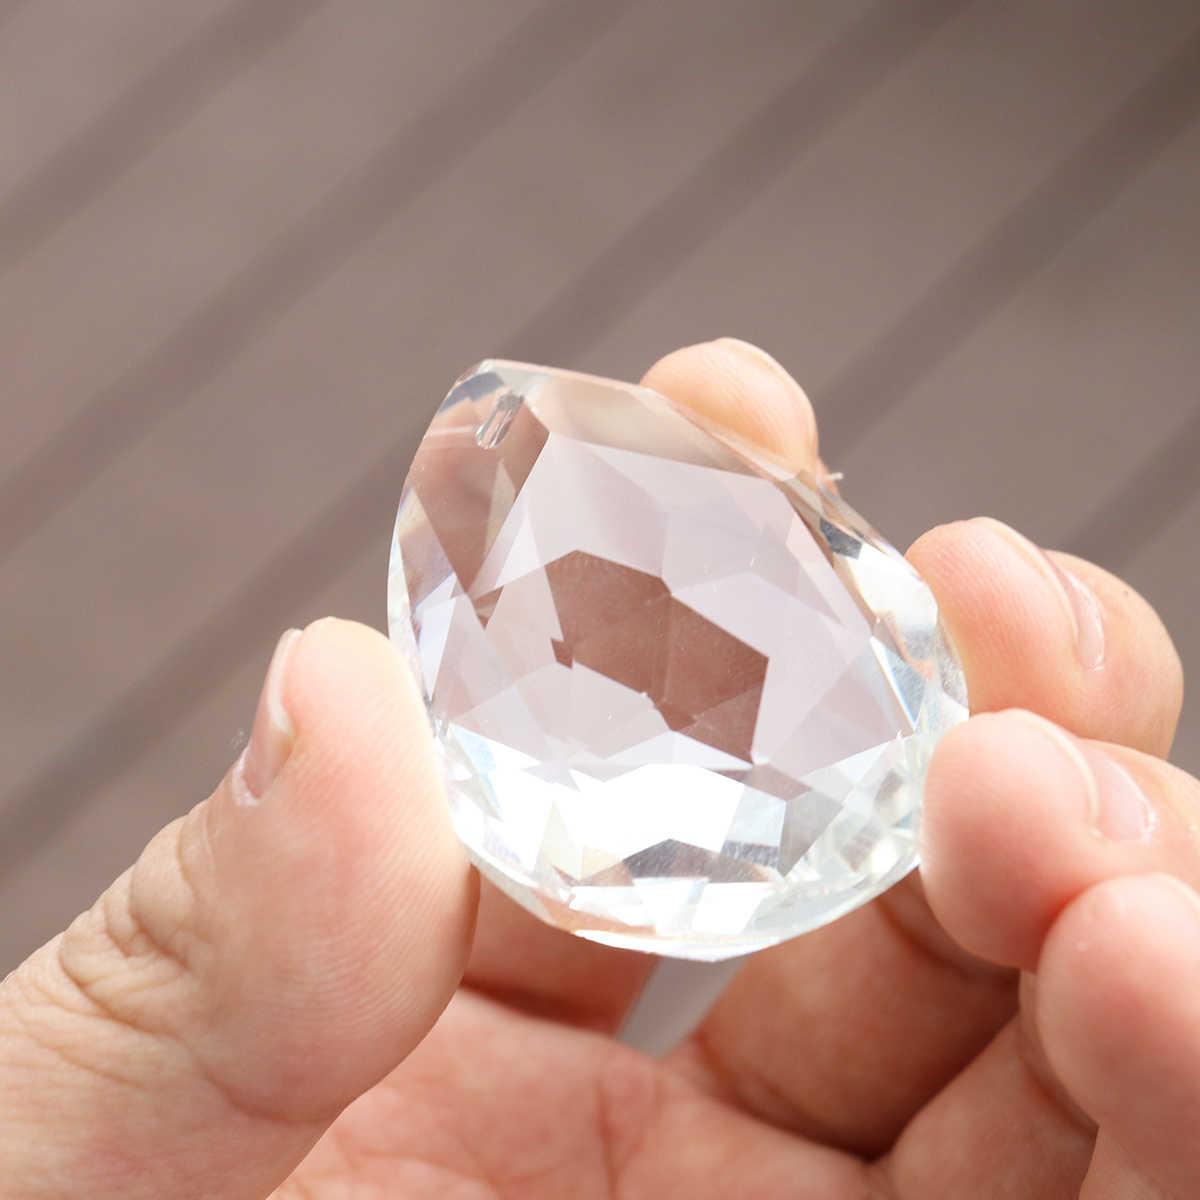 50 мм прозрачные кристаллы для люстры лампа освещение капли слез кулон шарик призмы подвесной орнамент дома/дома Декор